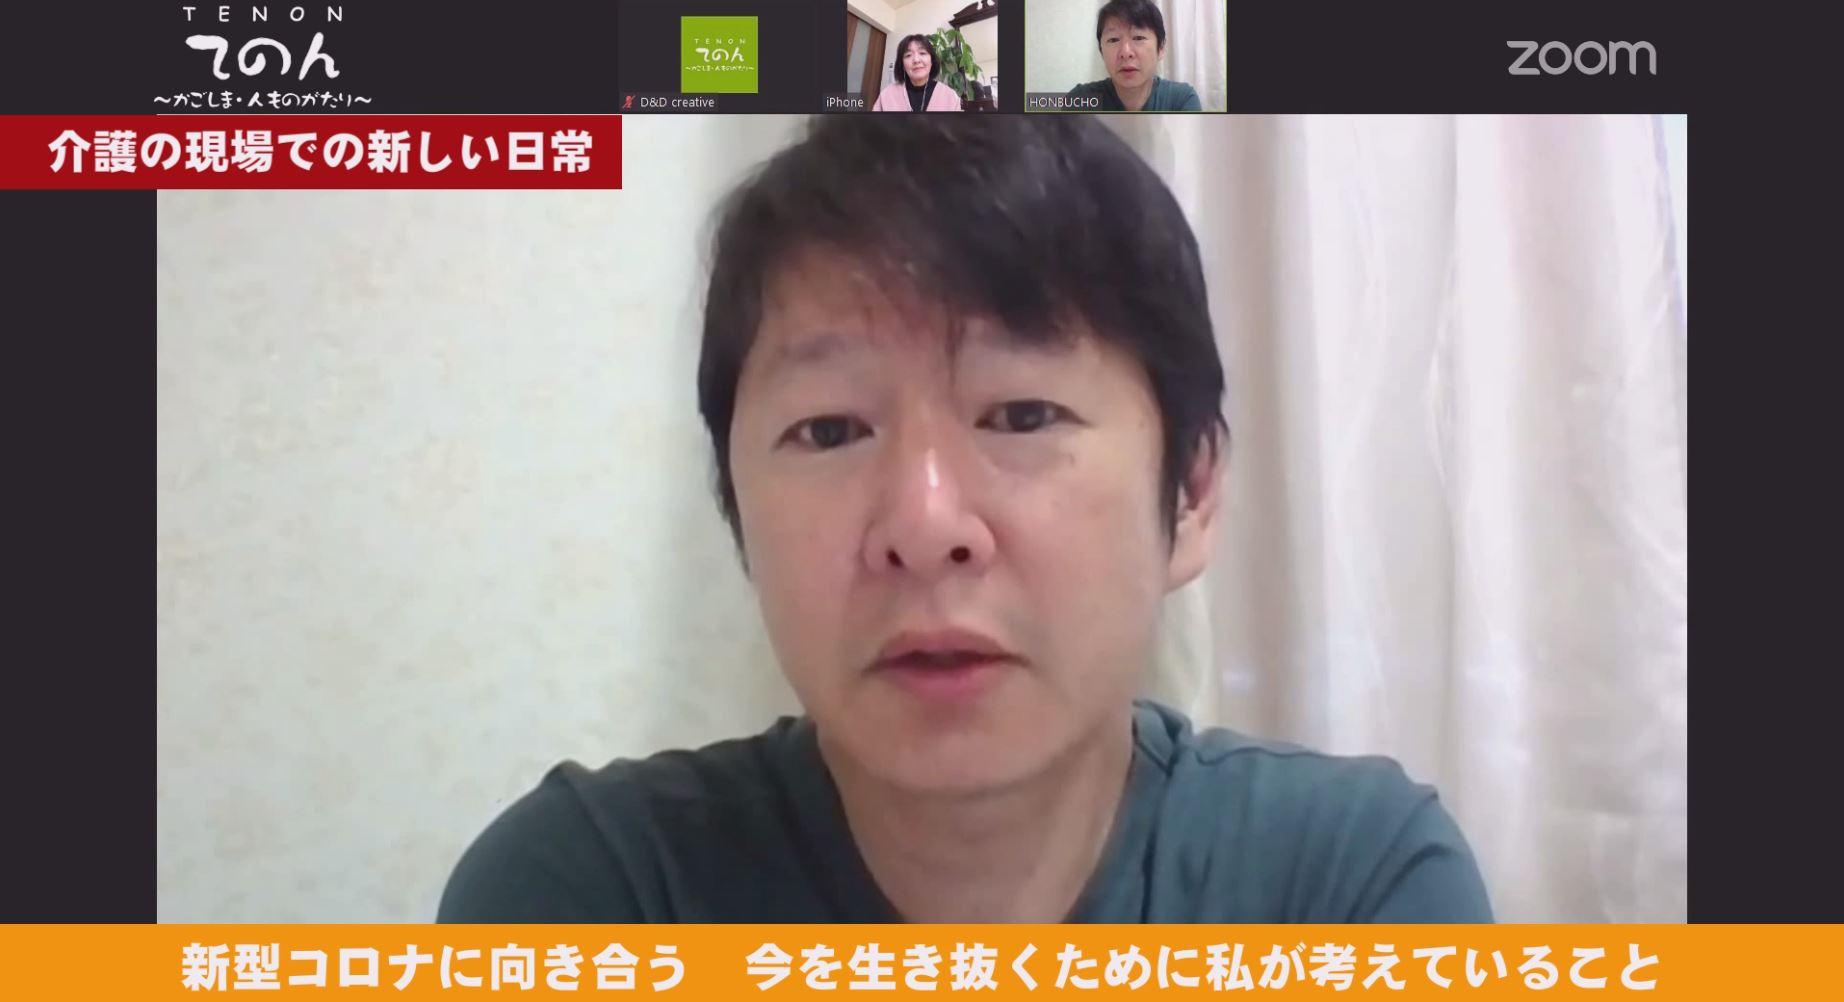 zoomインタビューでの林田さんの写真